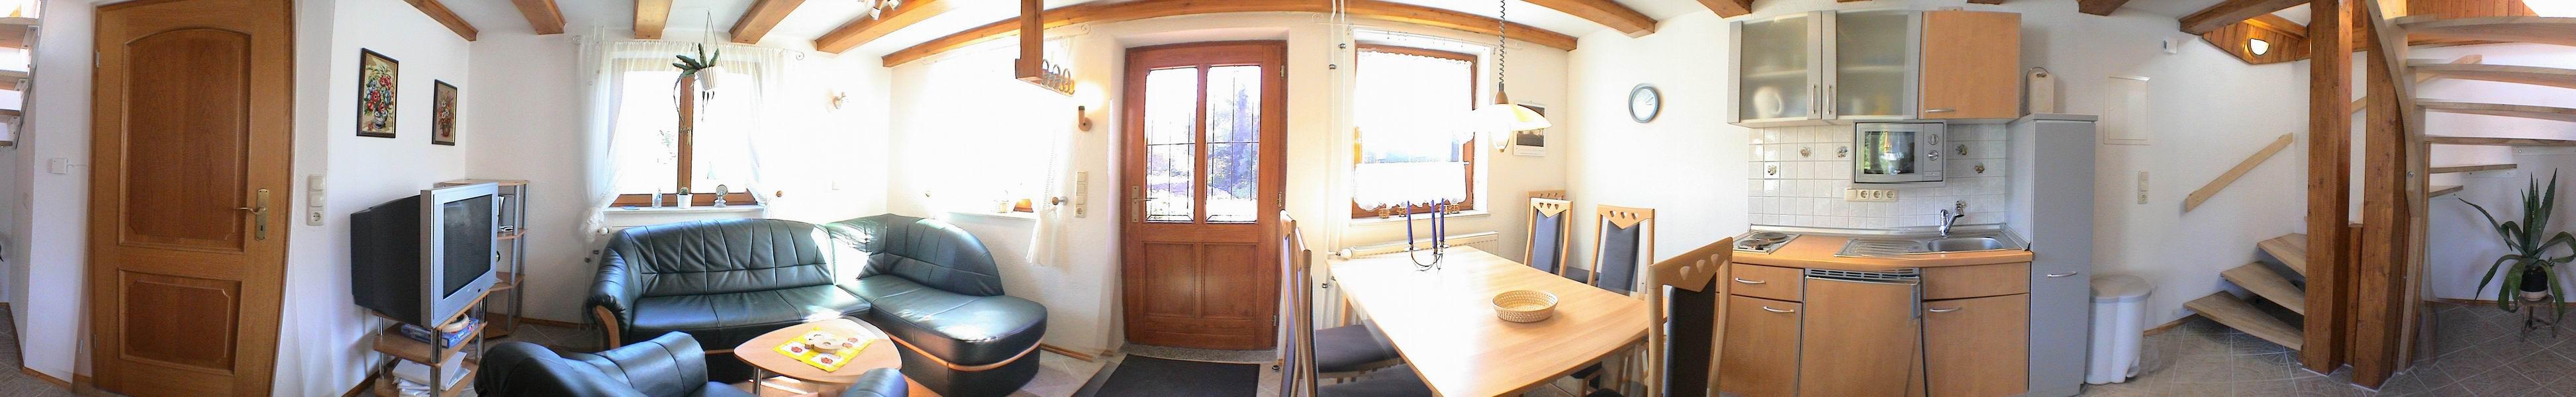 Ferienhaus Poehlablick Panorama Wohnzimmer Küche Aufgang FH2